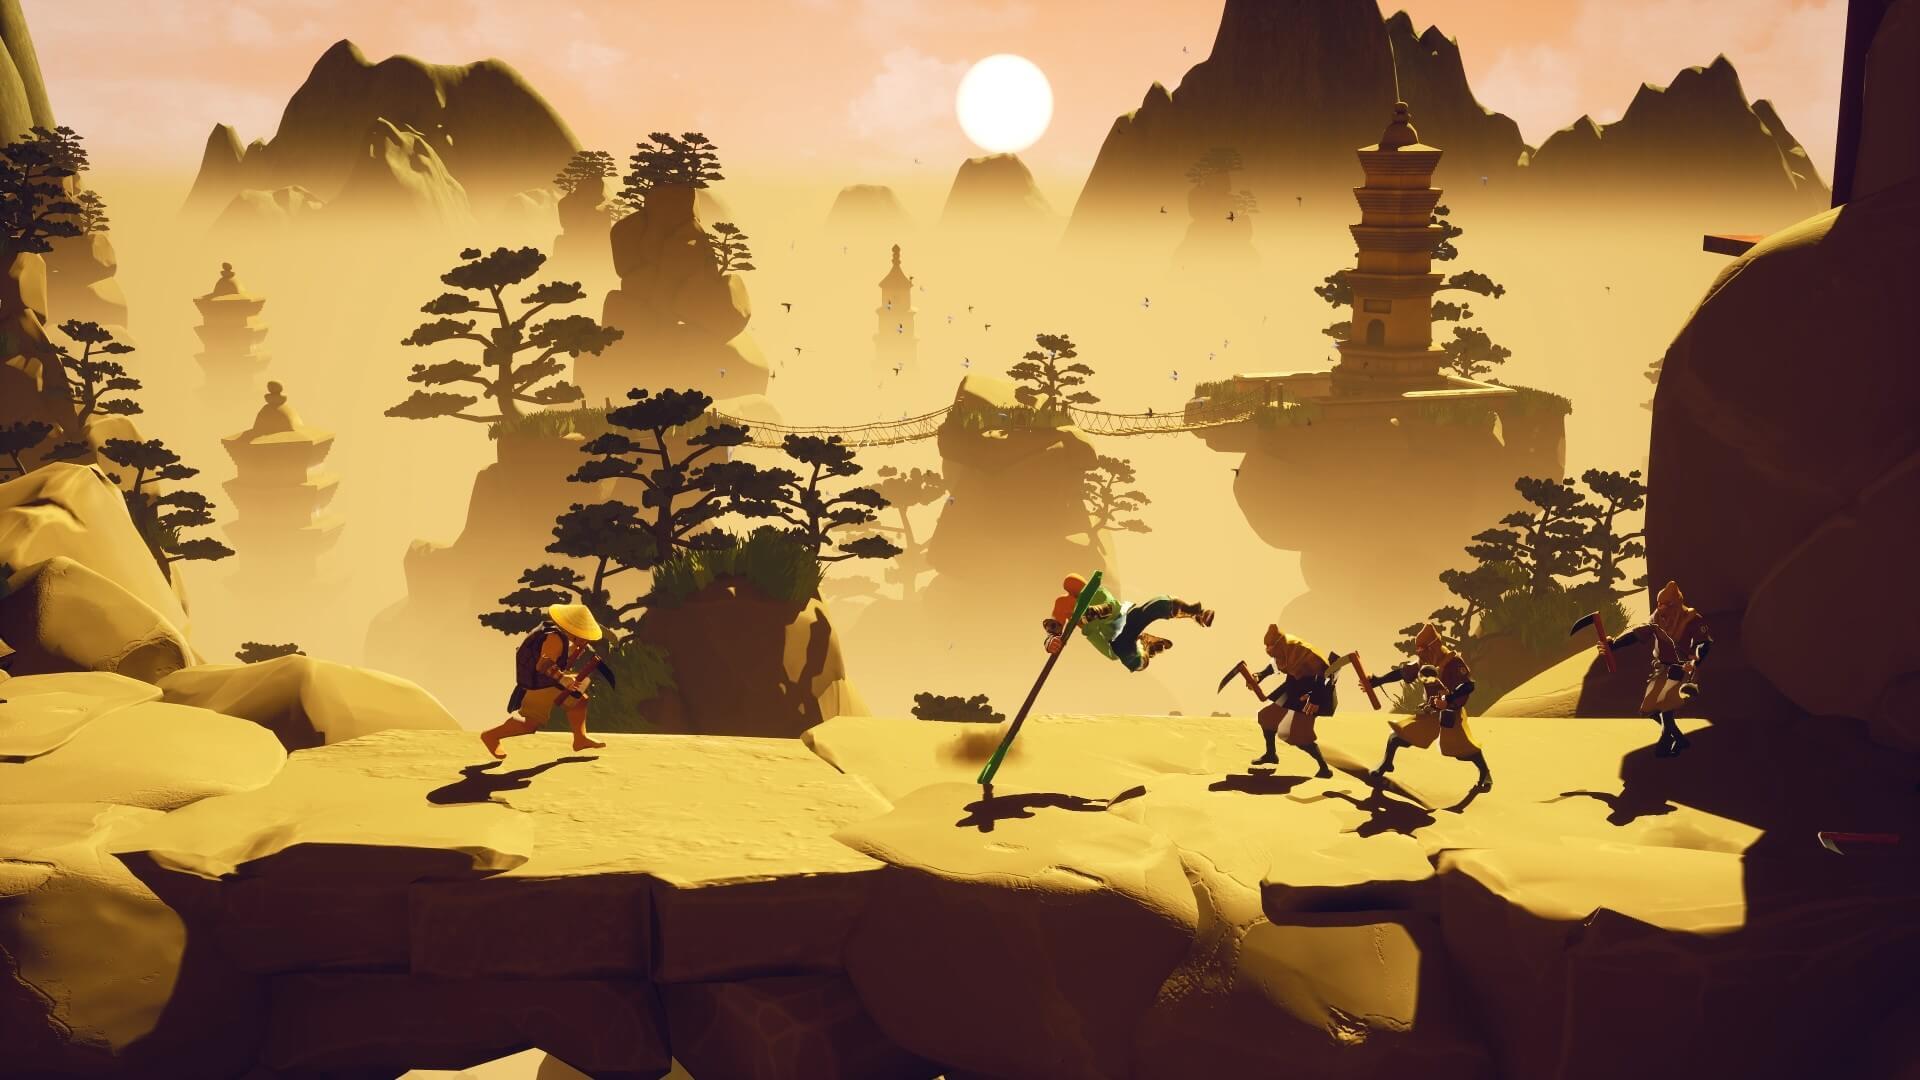 9 Monkeys of Shaolin - Review